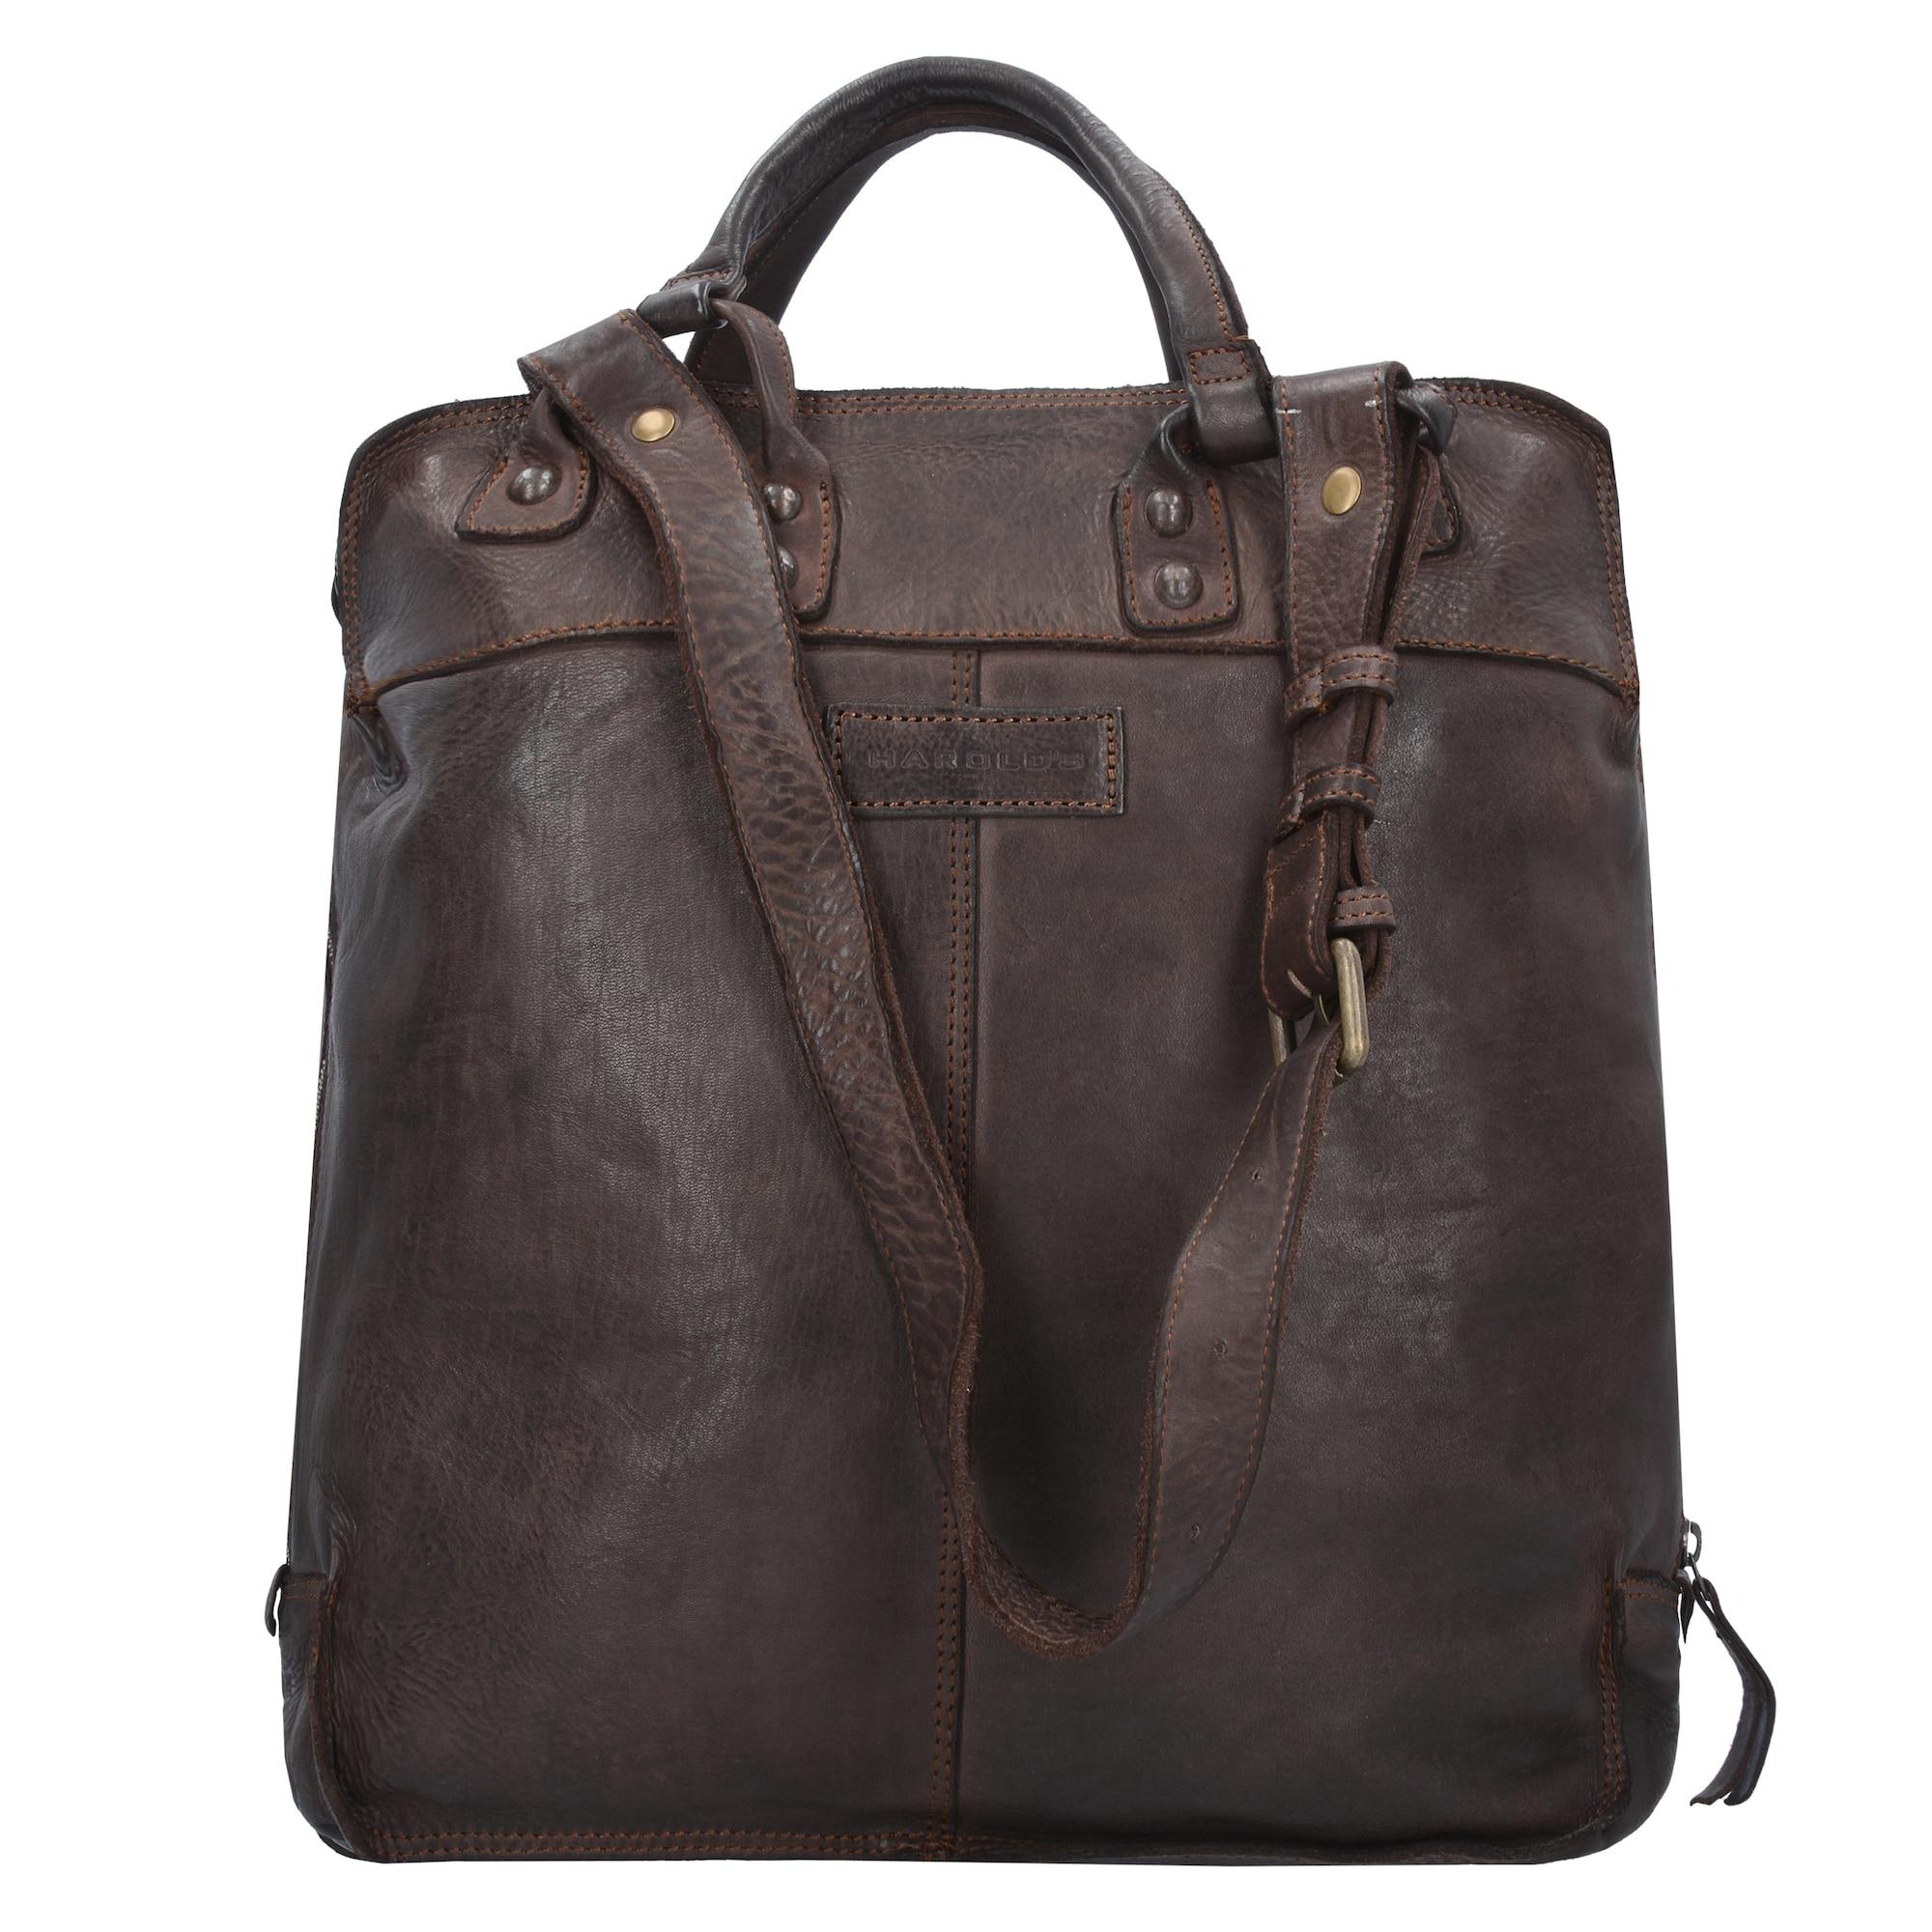 Schultertasche 'Submarine' | Taschen > Handtaschen | Harolds